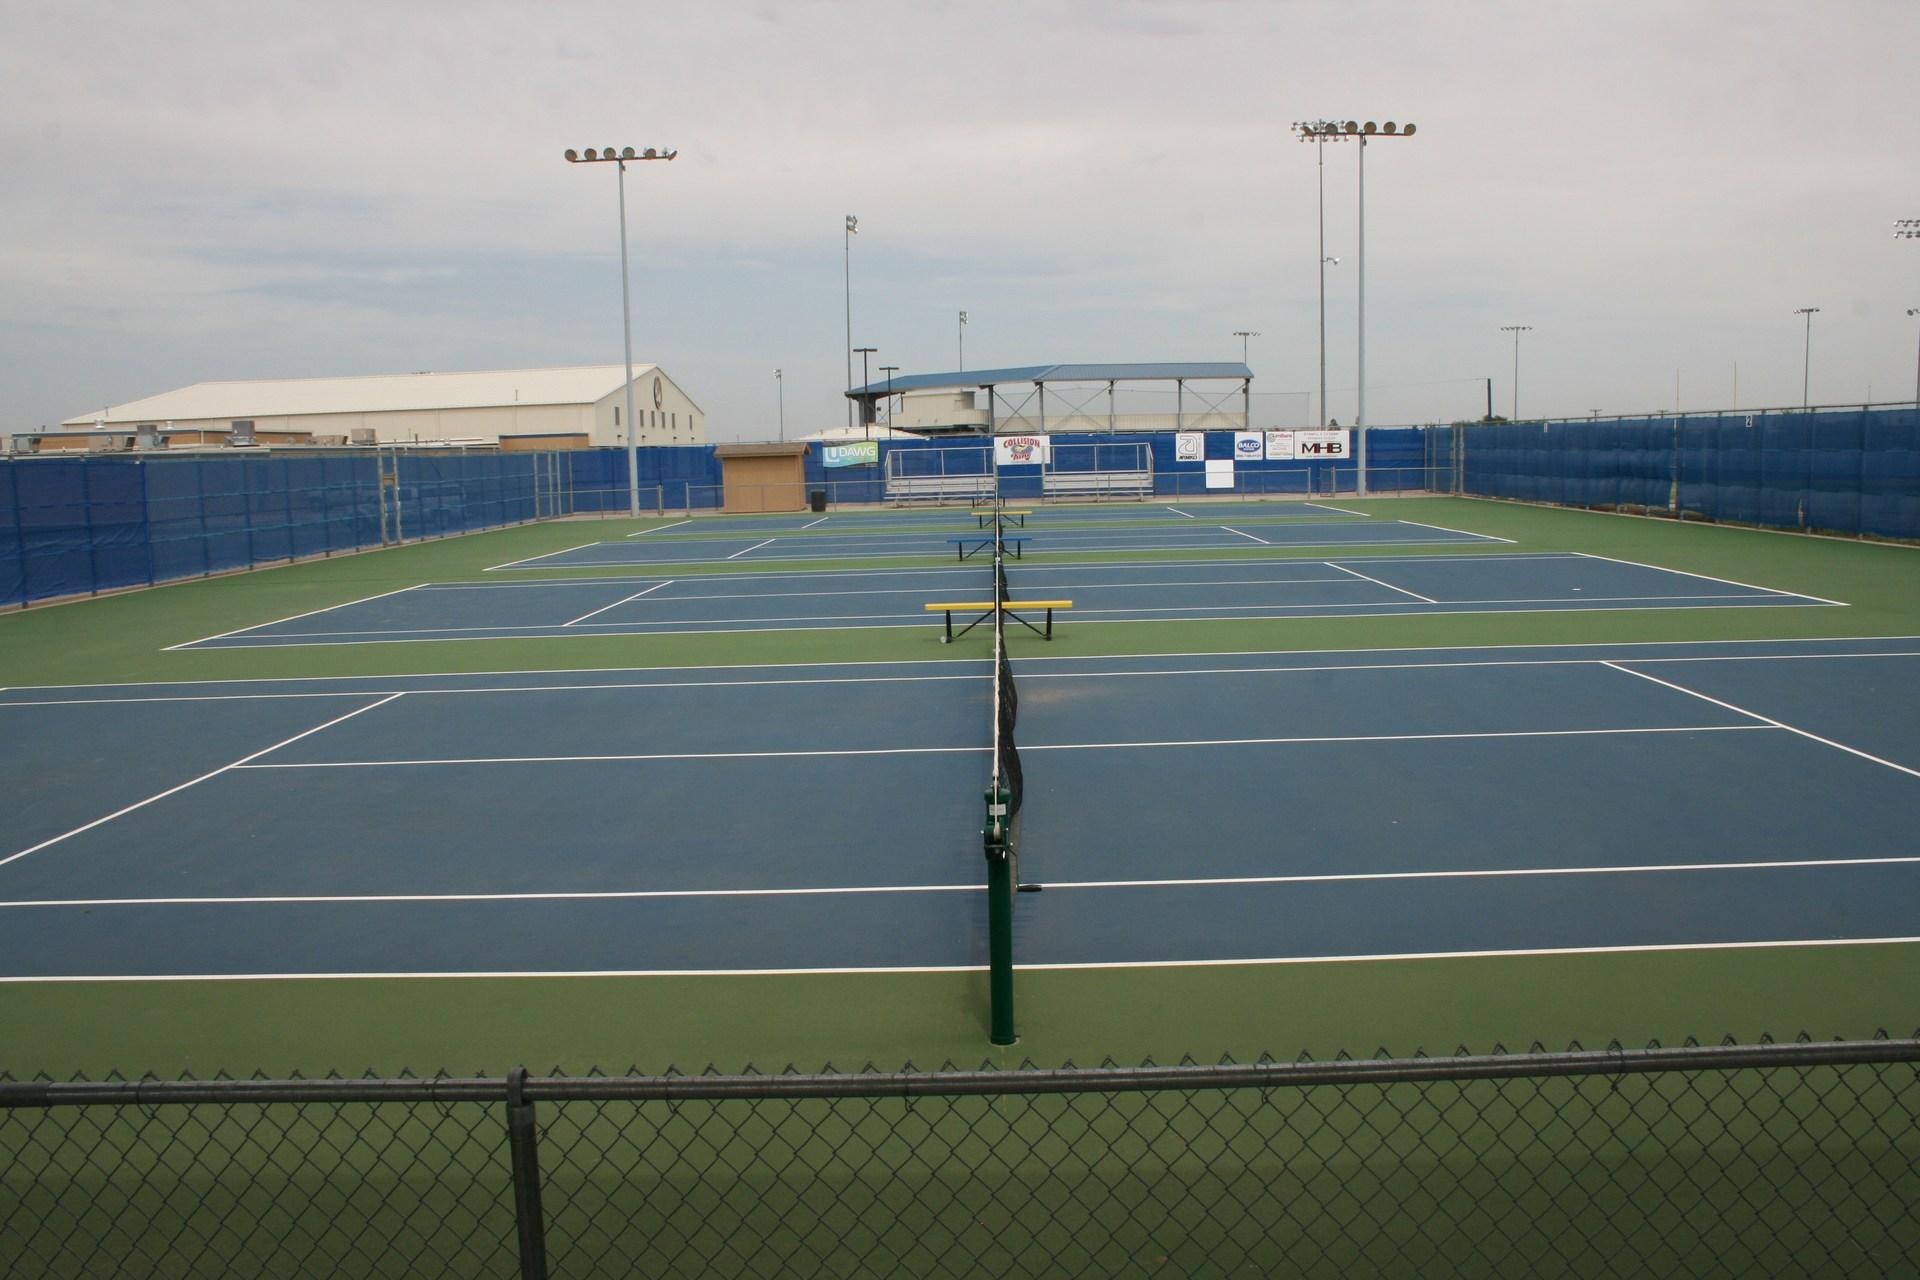 Tiger Tennis Complex